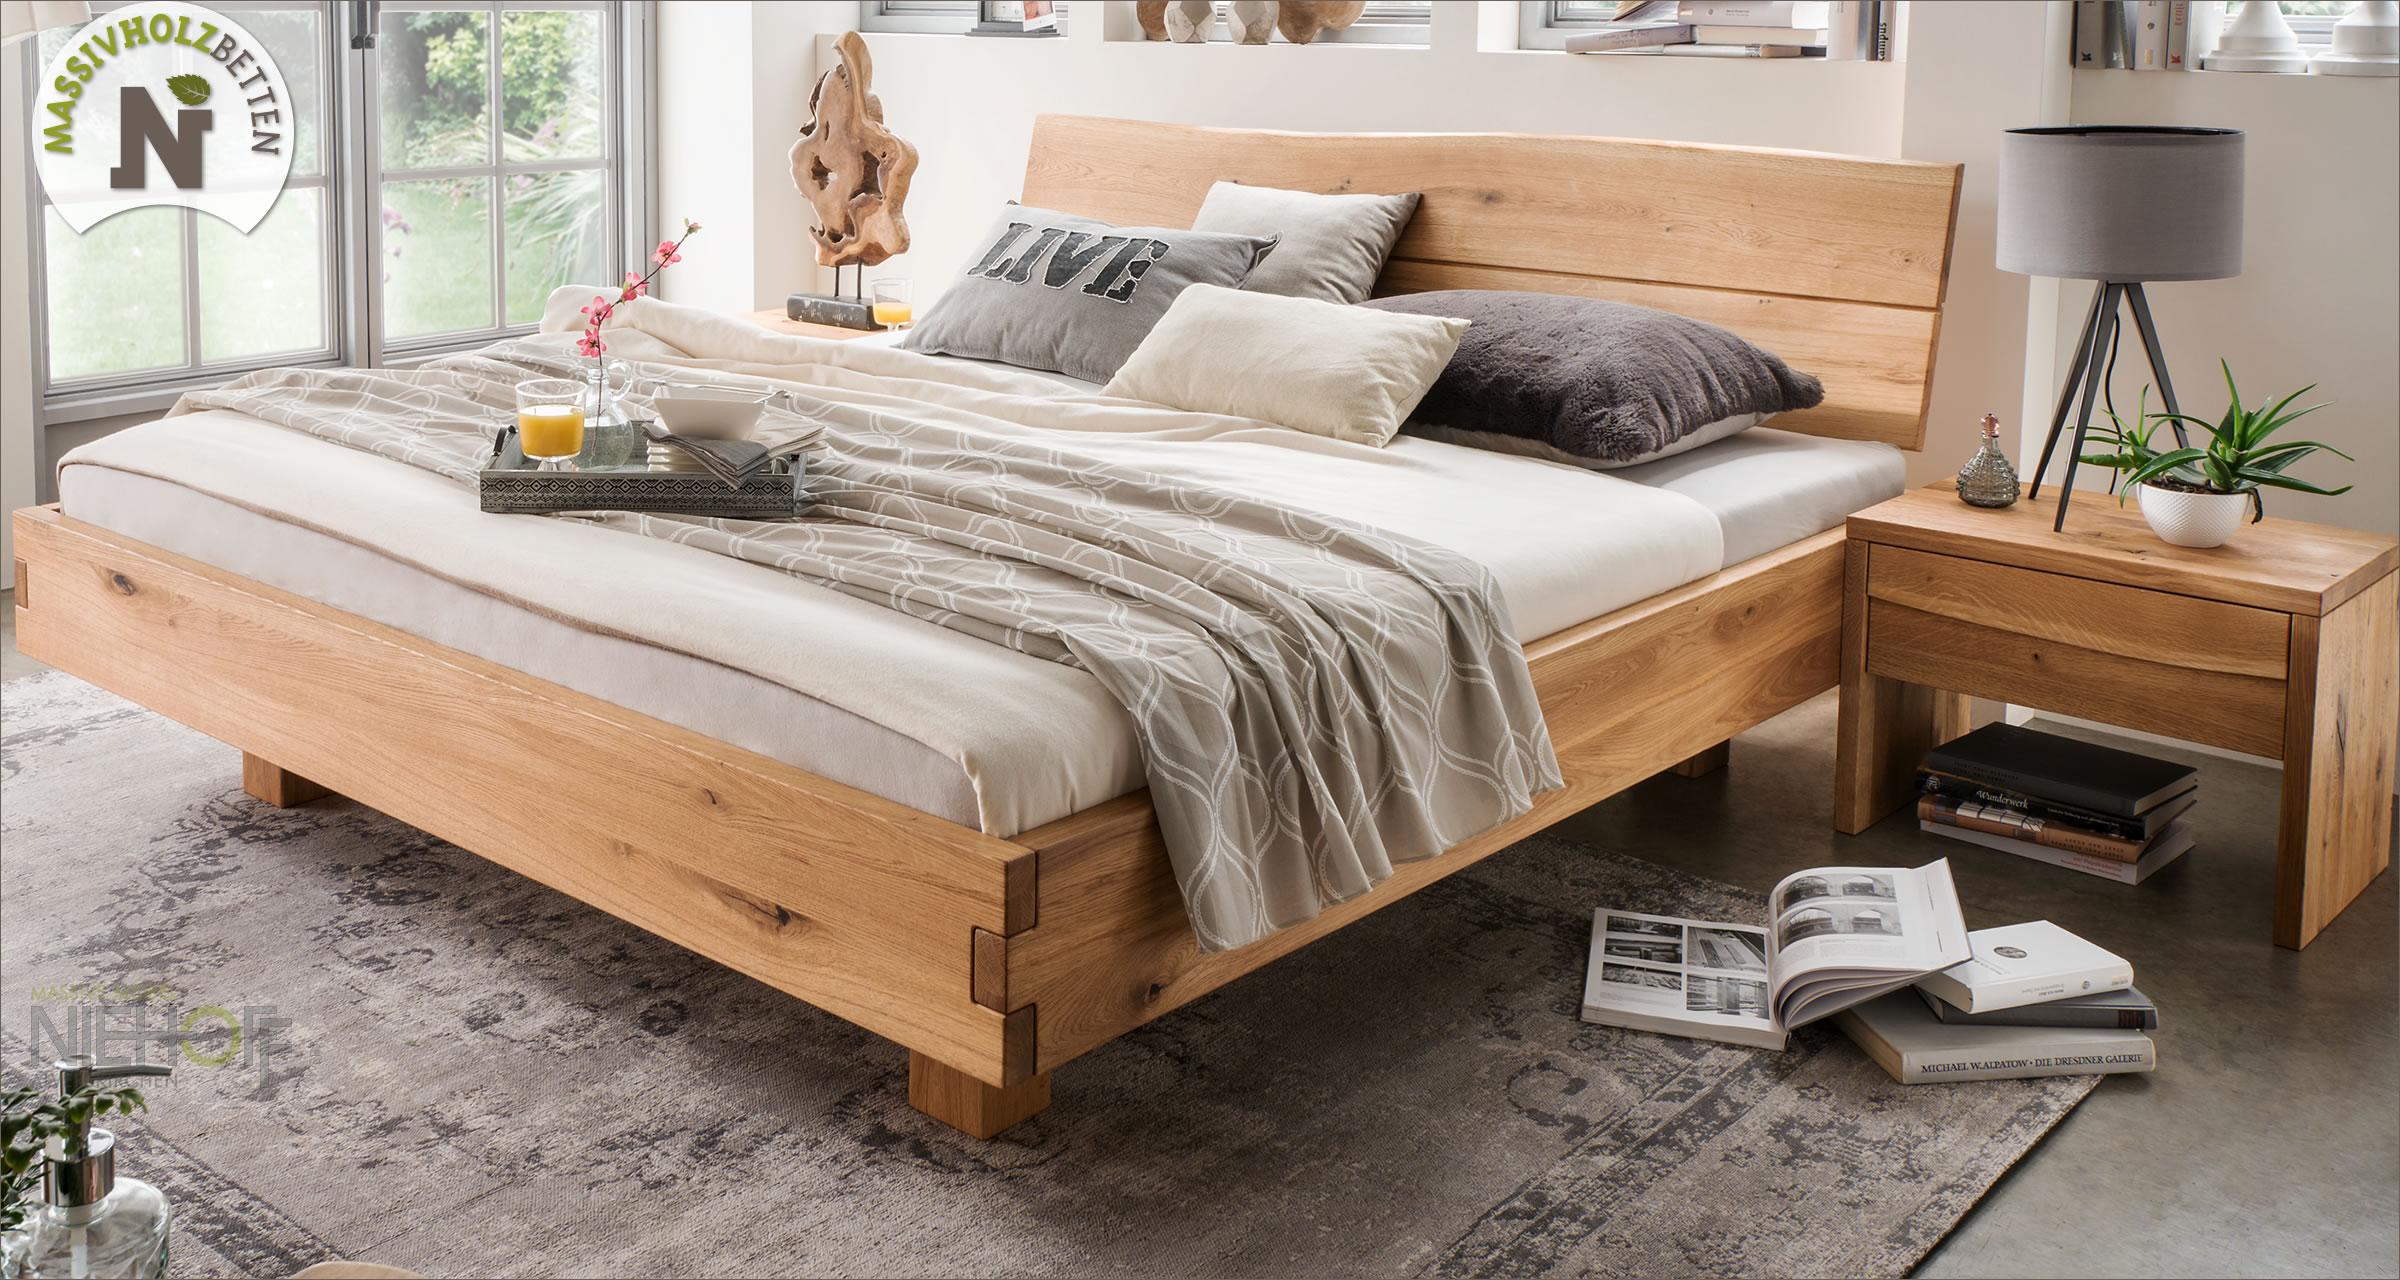 Full Size of Betten Aus Holz Massivholzbett Genauso 1 Als Doppelbett In Wildeiche Gelt Gebrauchte Küche Modern Weisse Landhausküche Ausgefallene Landhaus Sofa Bett Betten Aus Holz